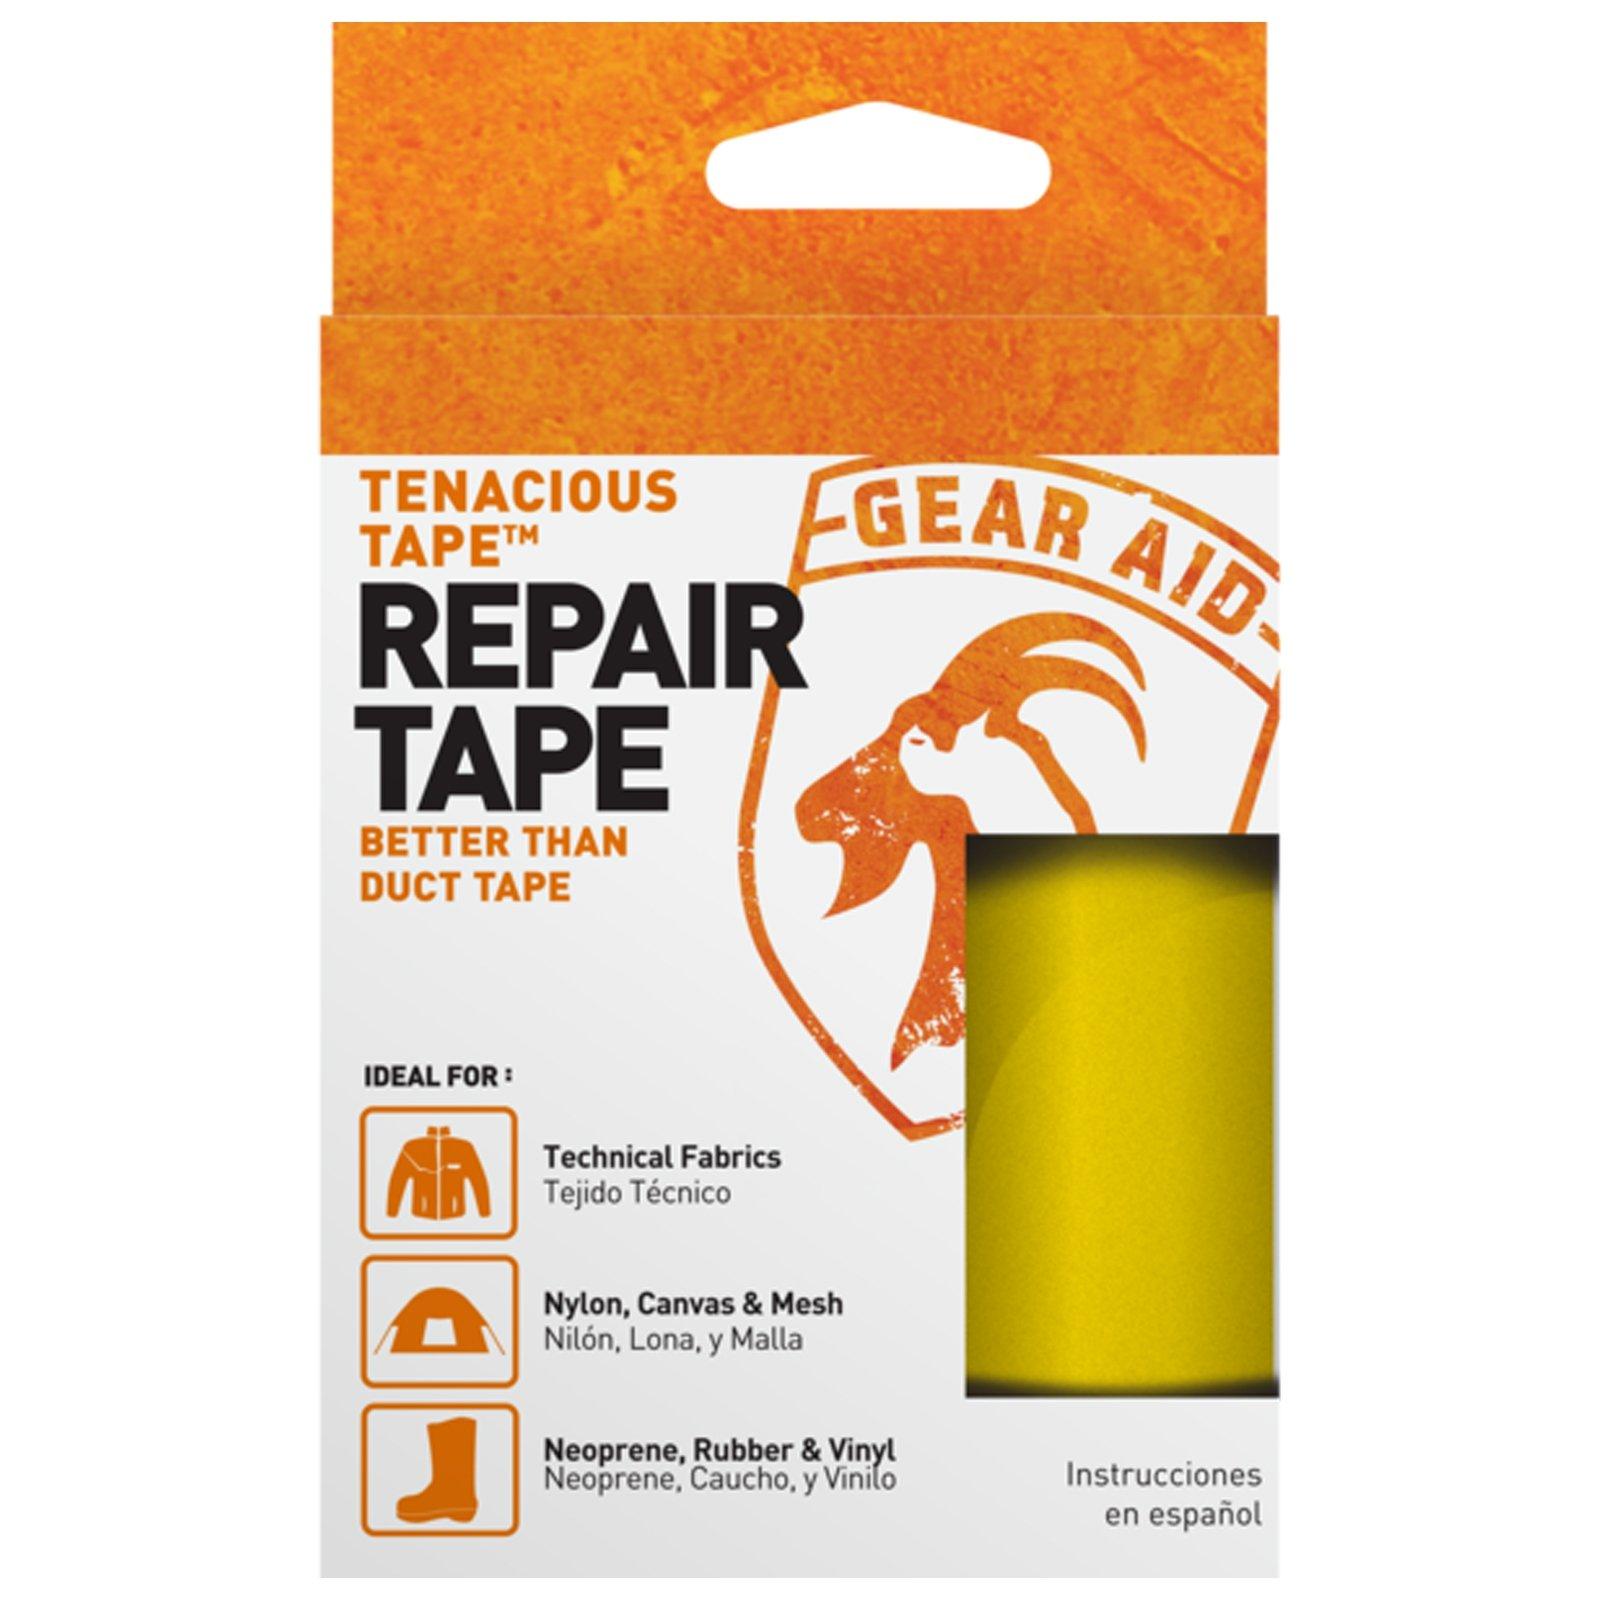 McNett Tenacious Repair Tape Clean Adhesive Outdoor All Purpose Gear - Yellow